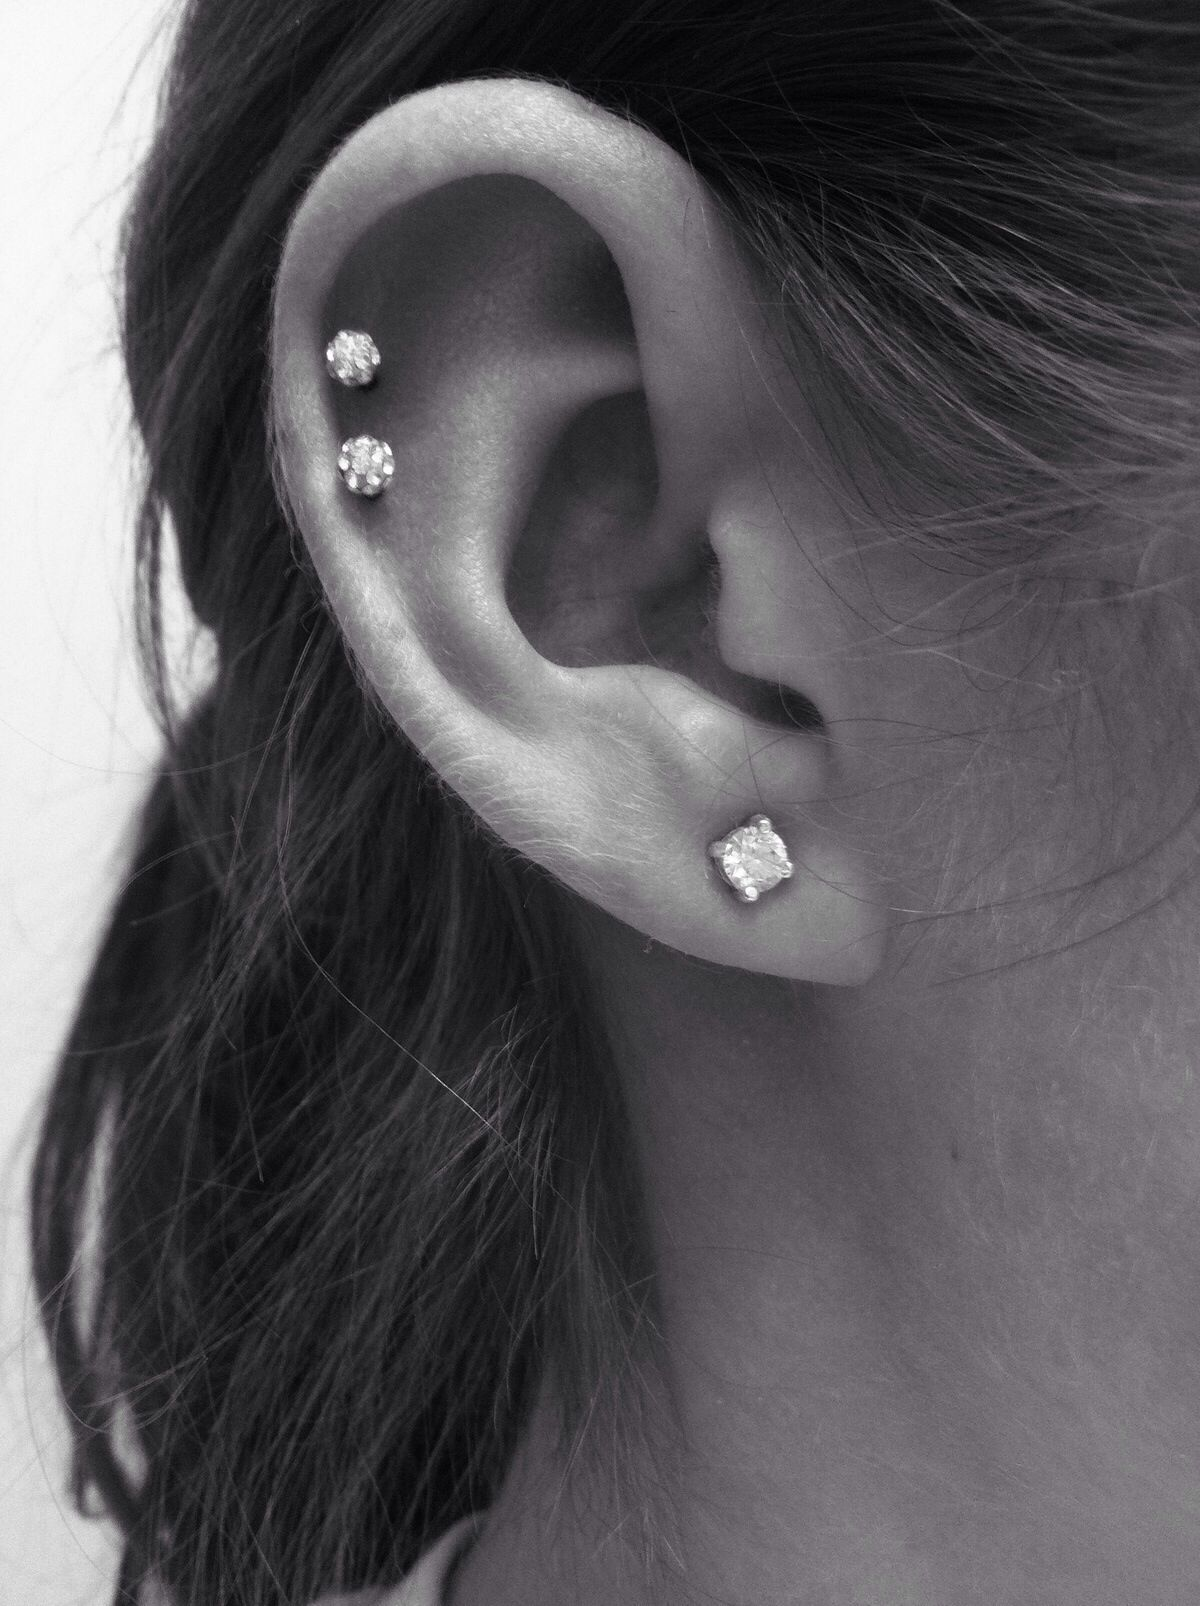 Cute piercing ideas ears  Pin by Rachel L on Beauty  Pinterest  Piercings Rose and Dark